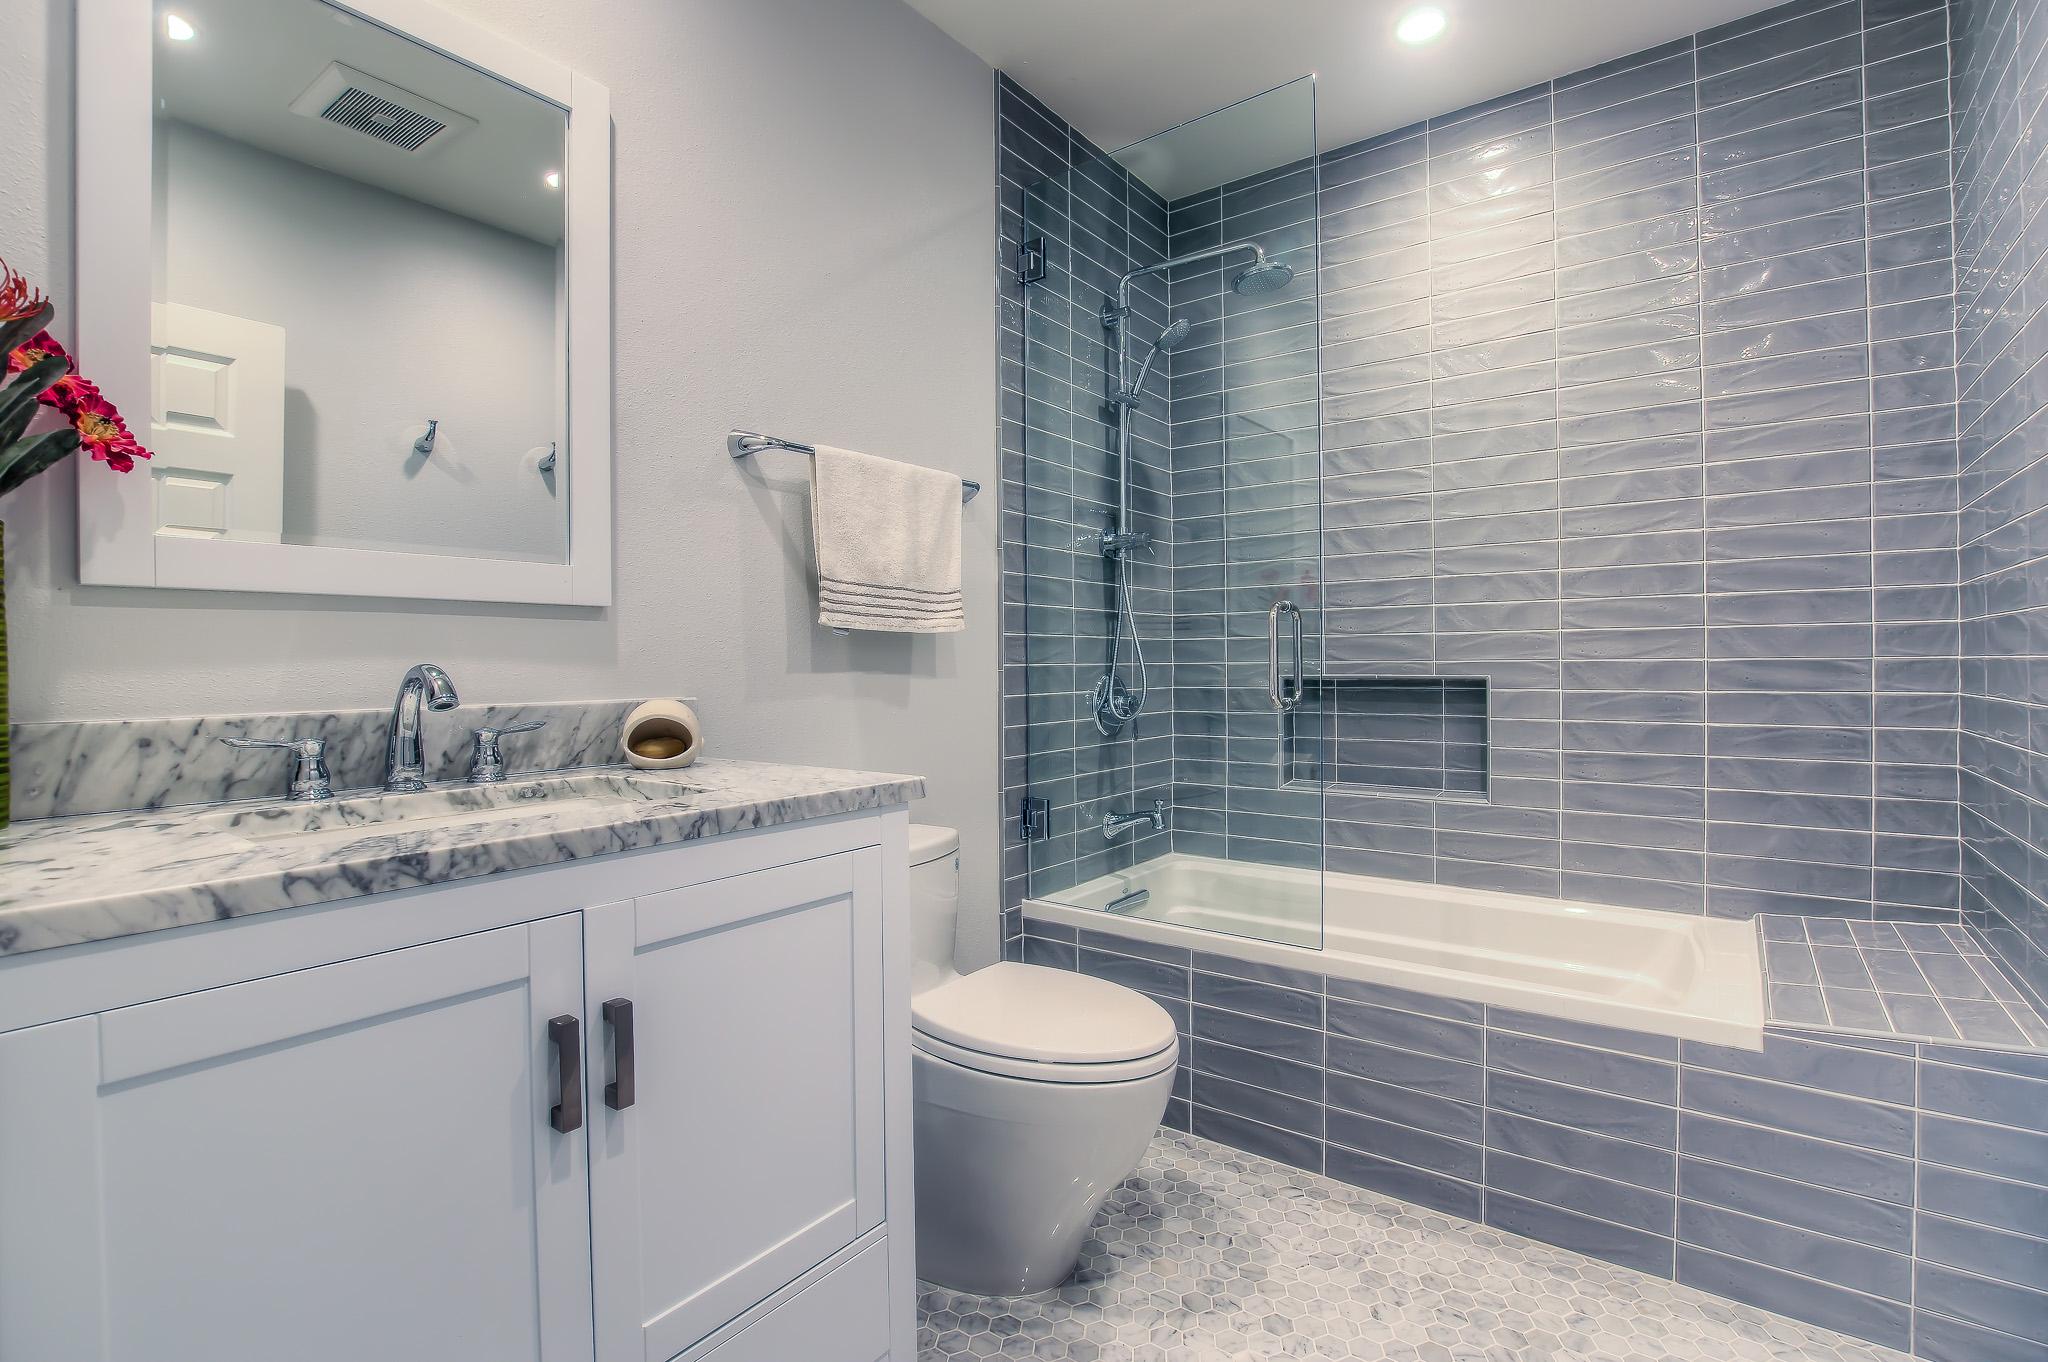 Culver City guest bathroom remodel